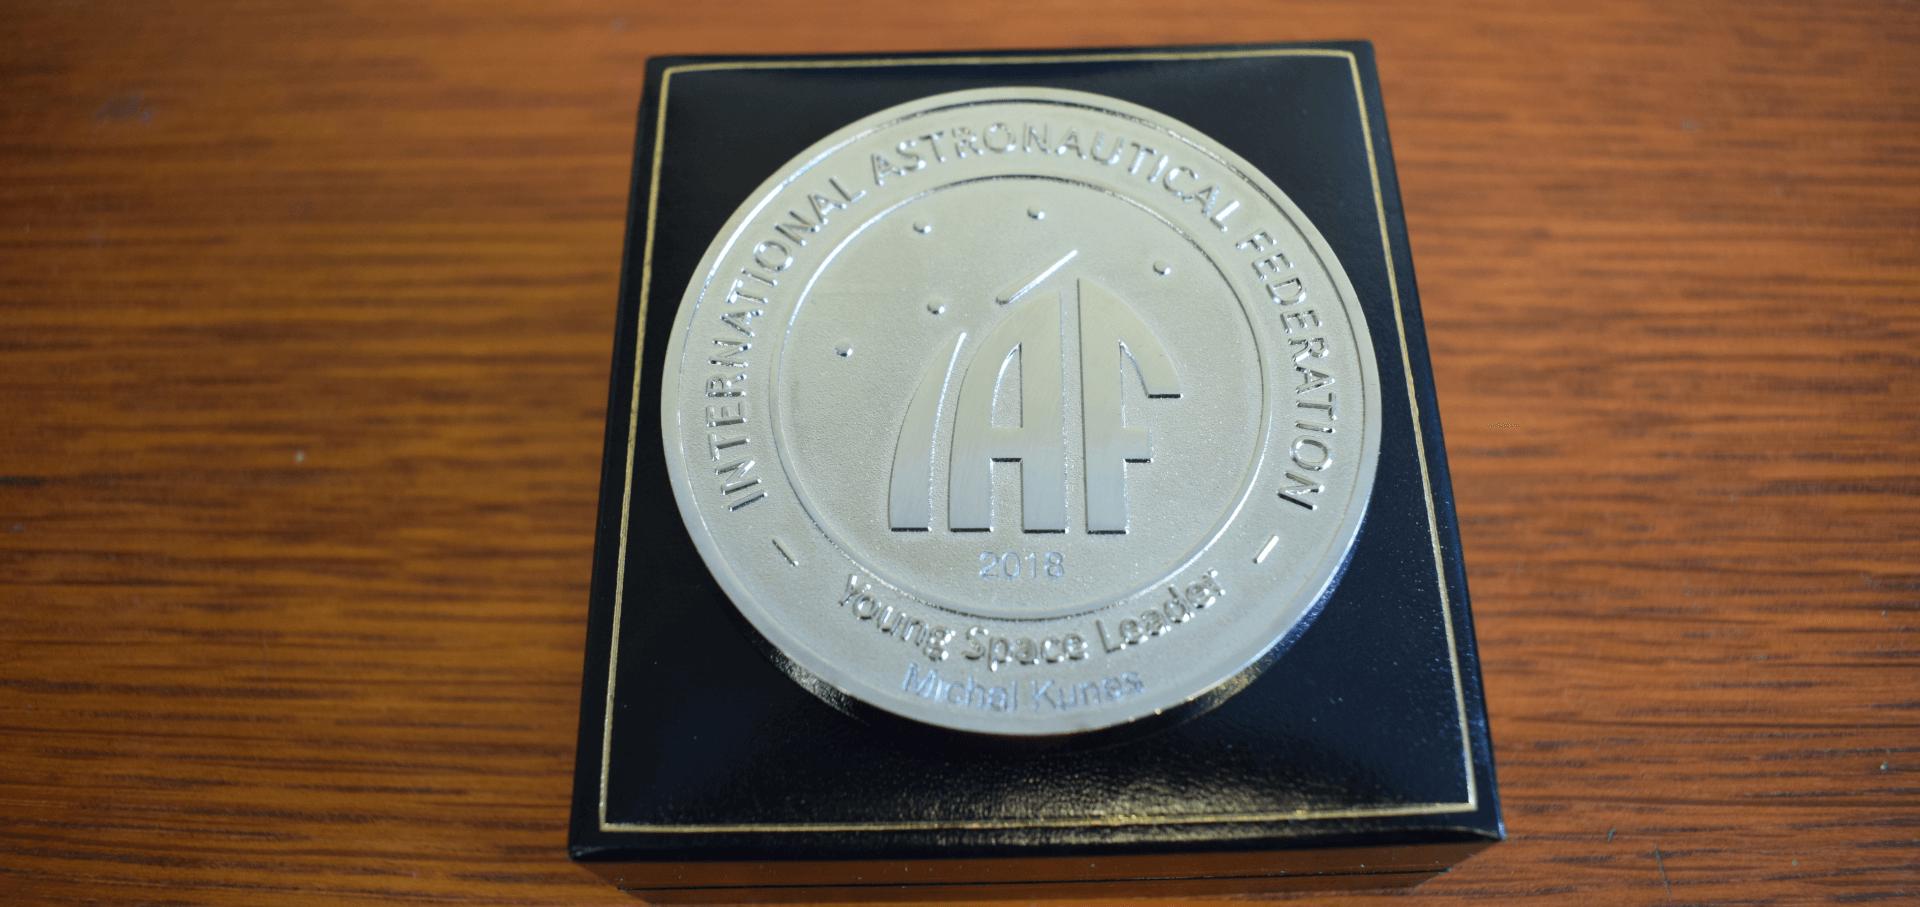 Ocenění Young Space Leader Mezinárodní astronautické federace získal první Čech